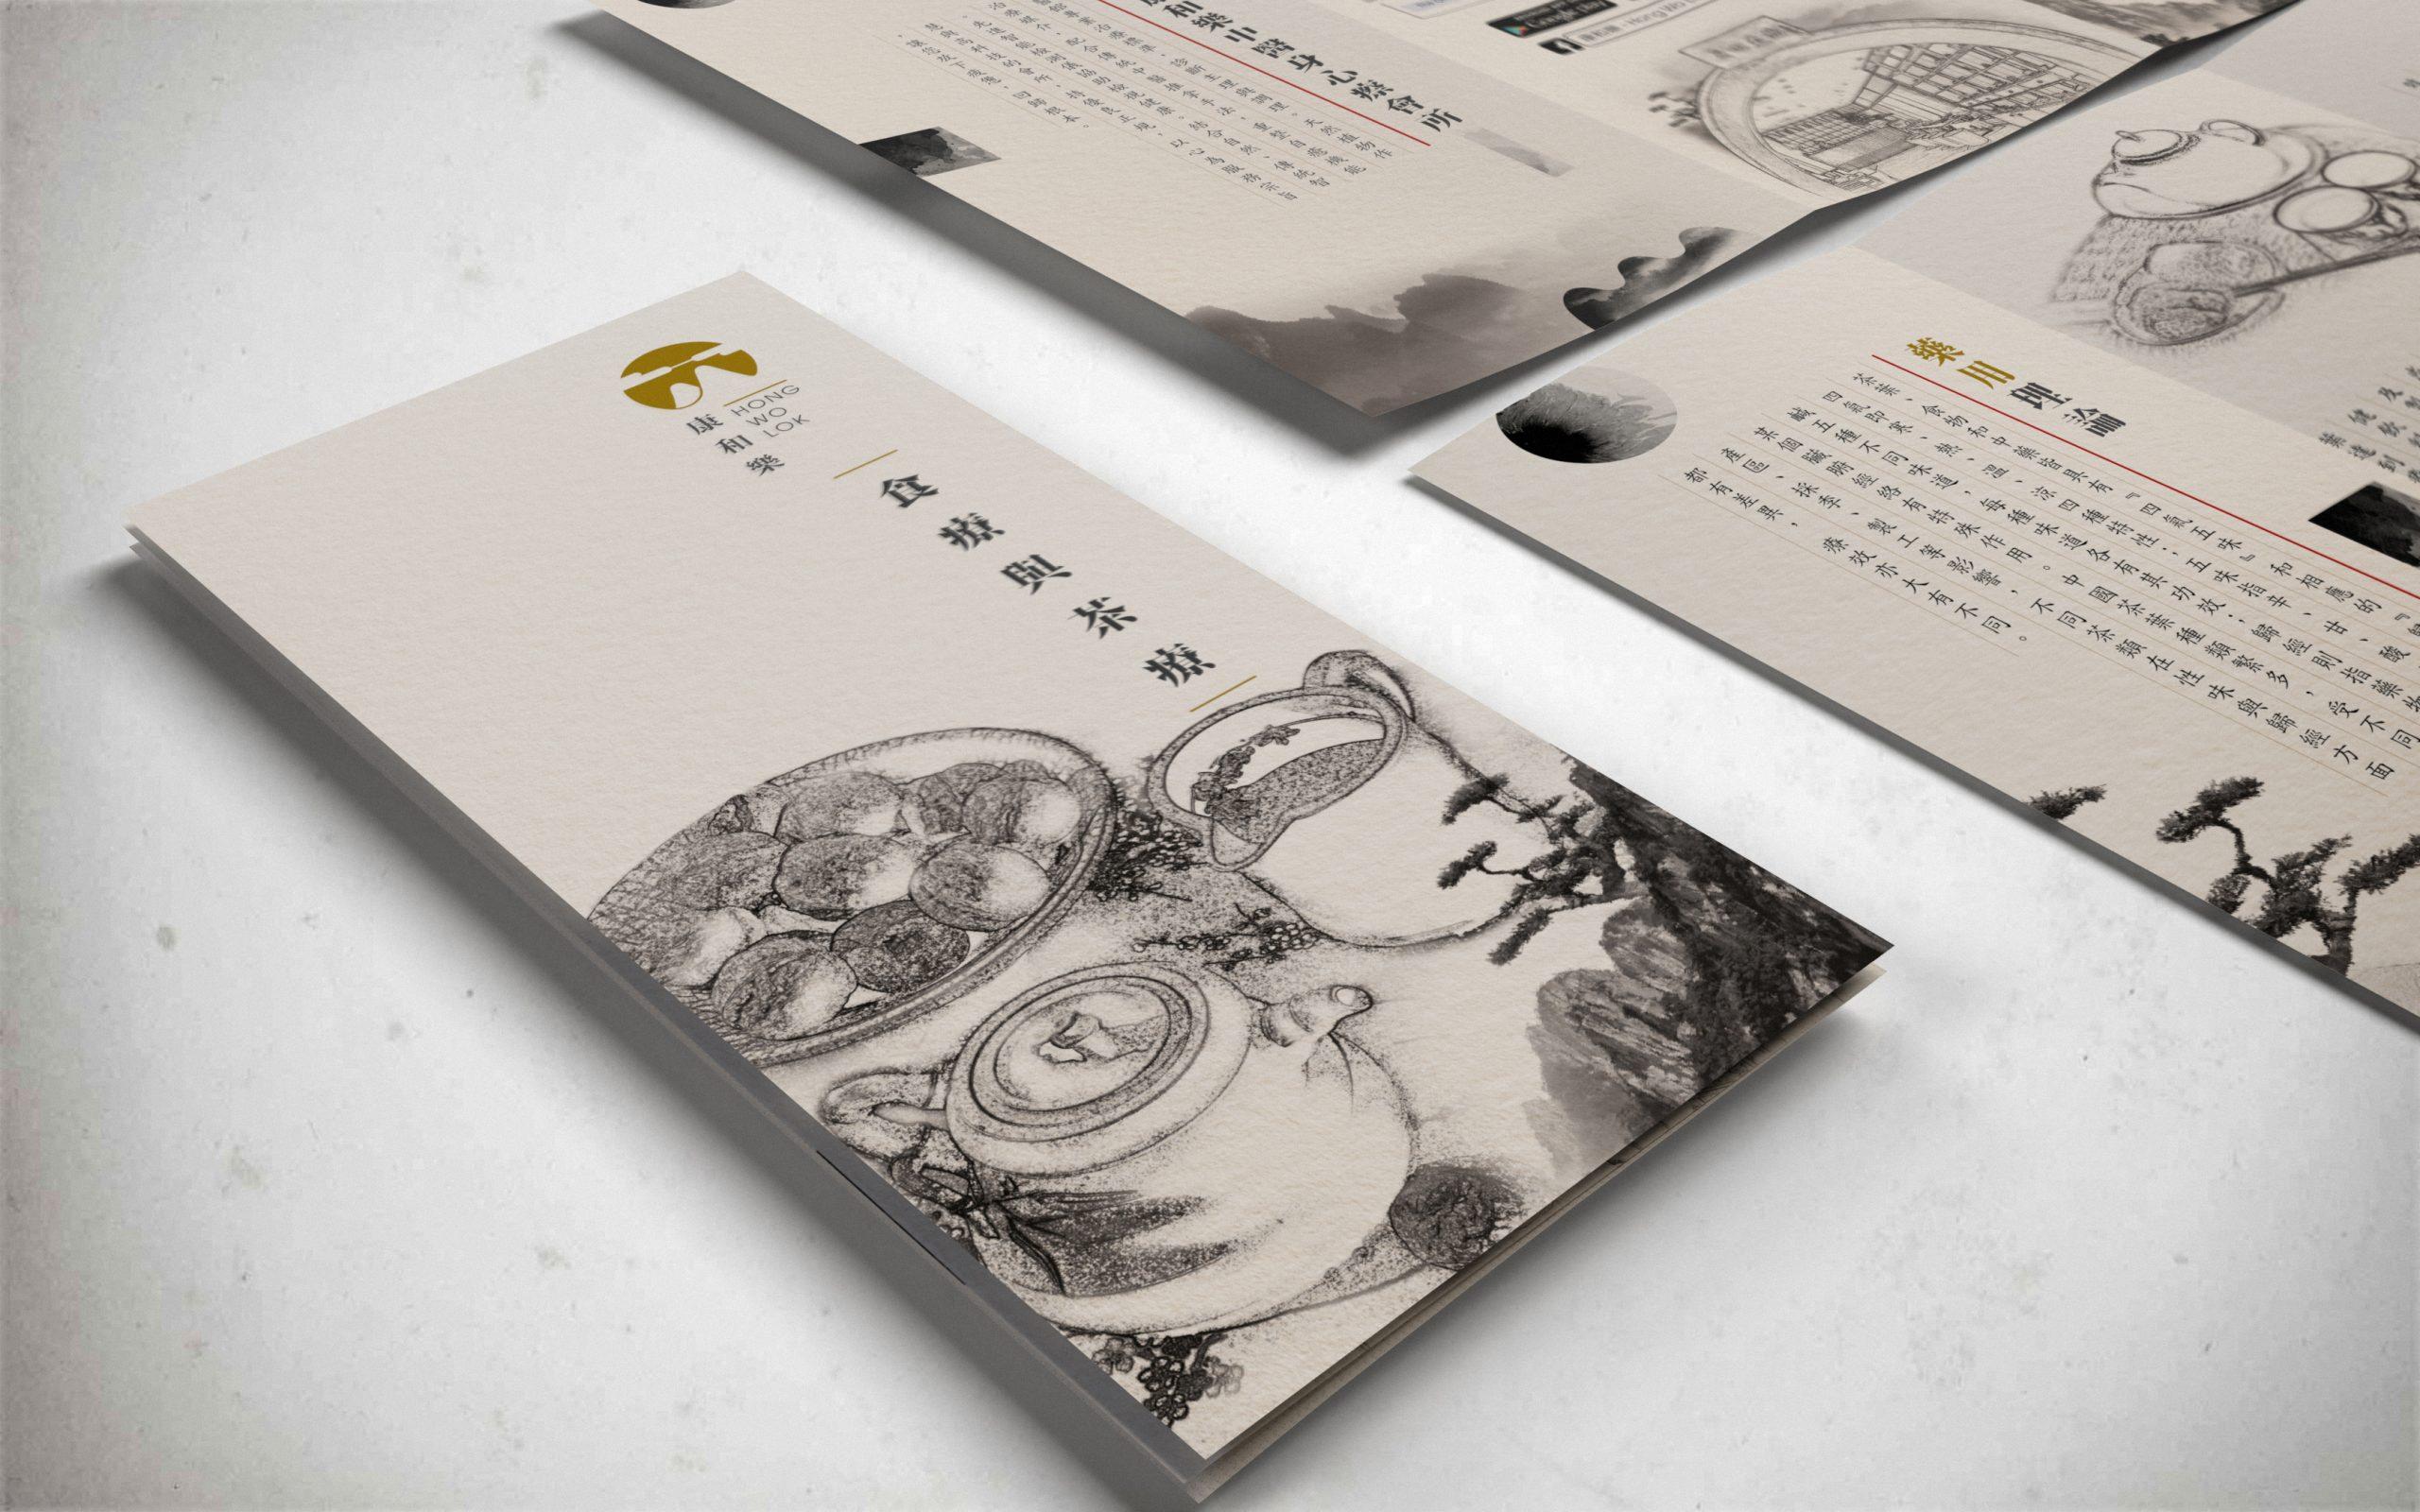 康和樂 - Hong Wo Lok Health Club LOGO DESIGN VISUAL IDENTITY DESIGN